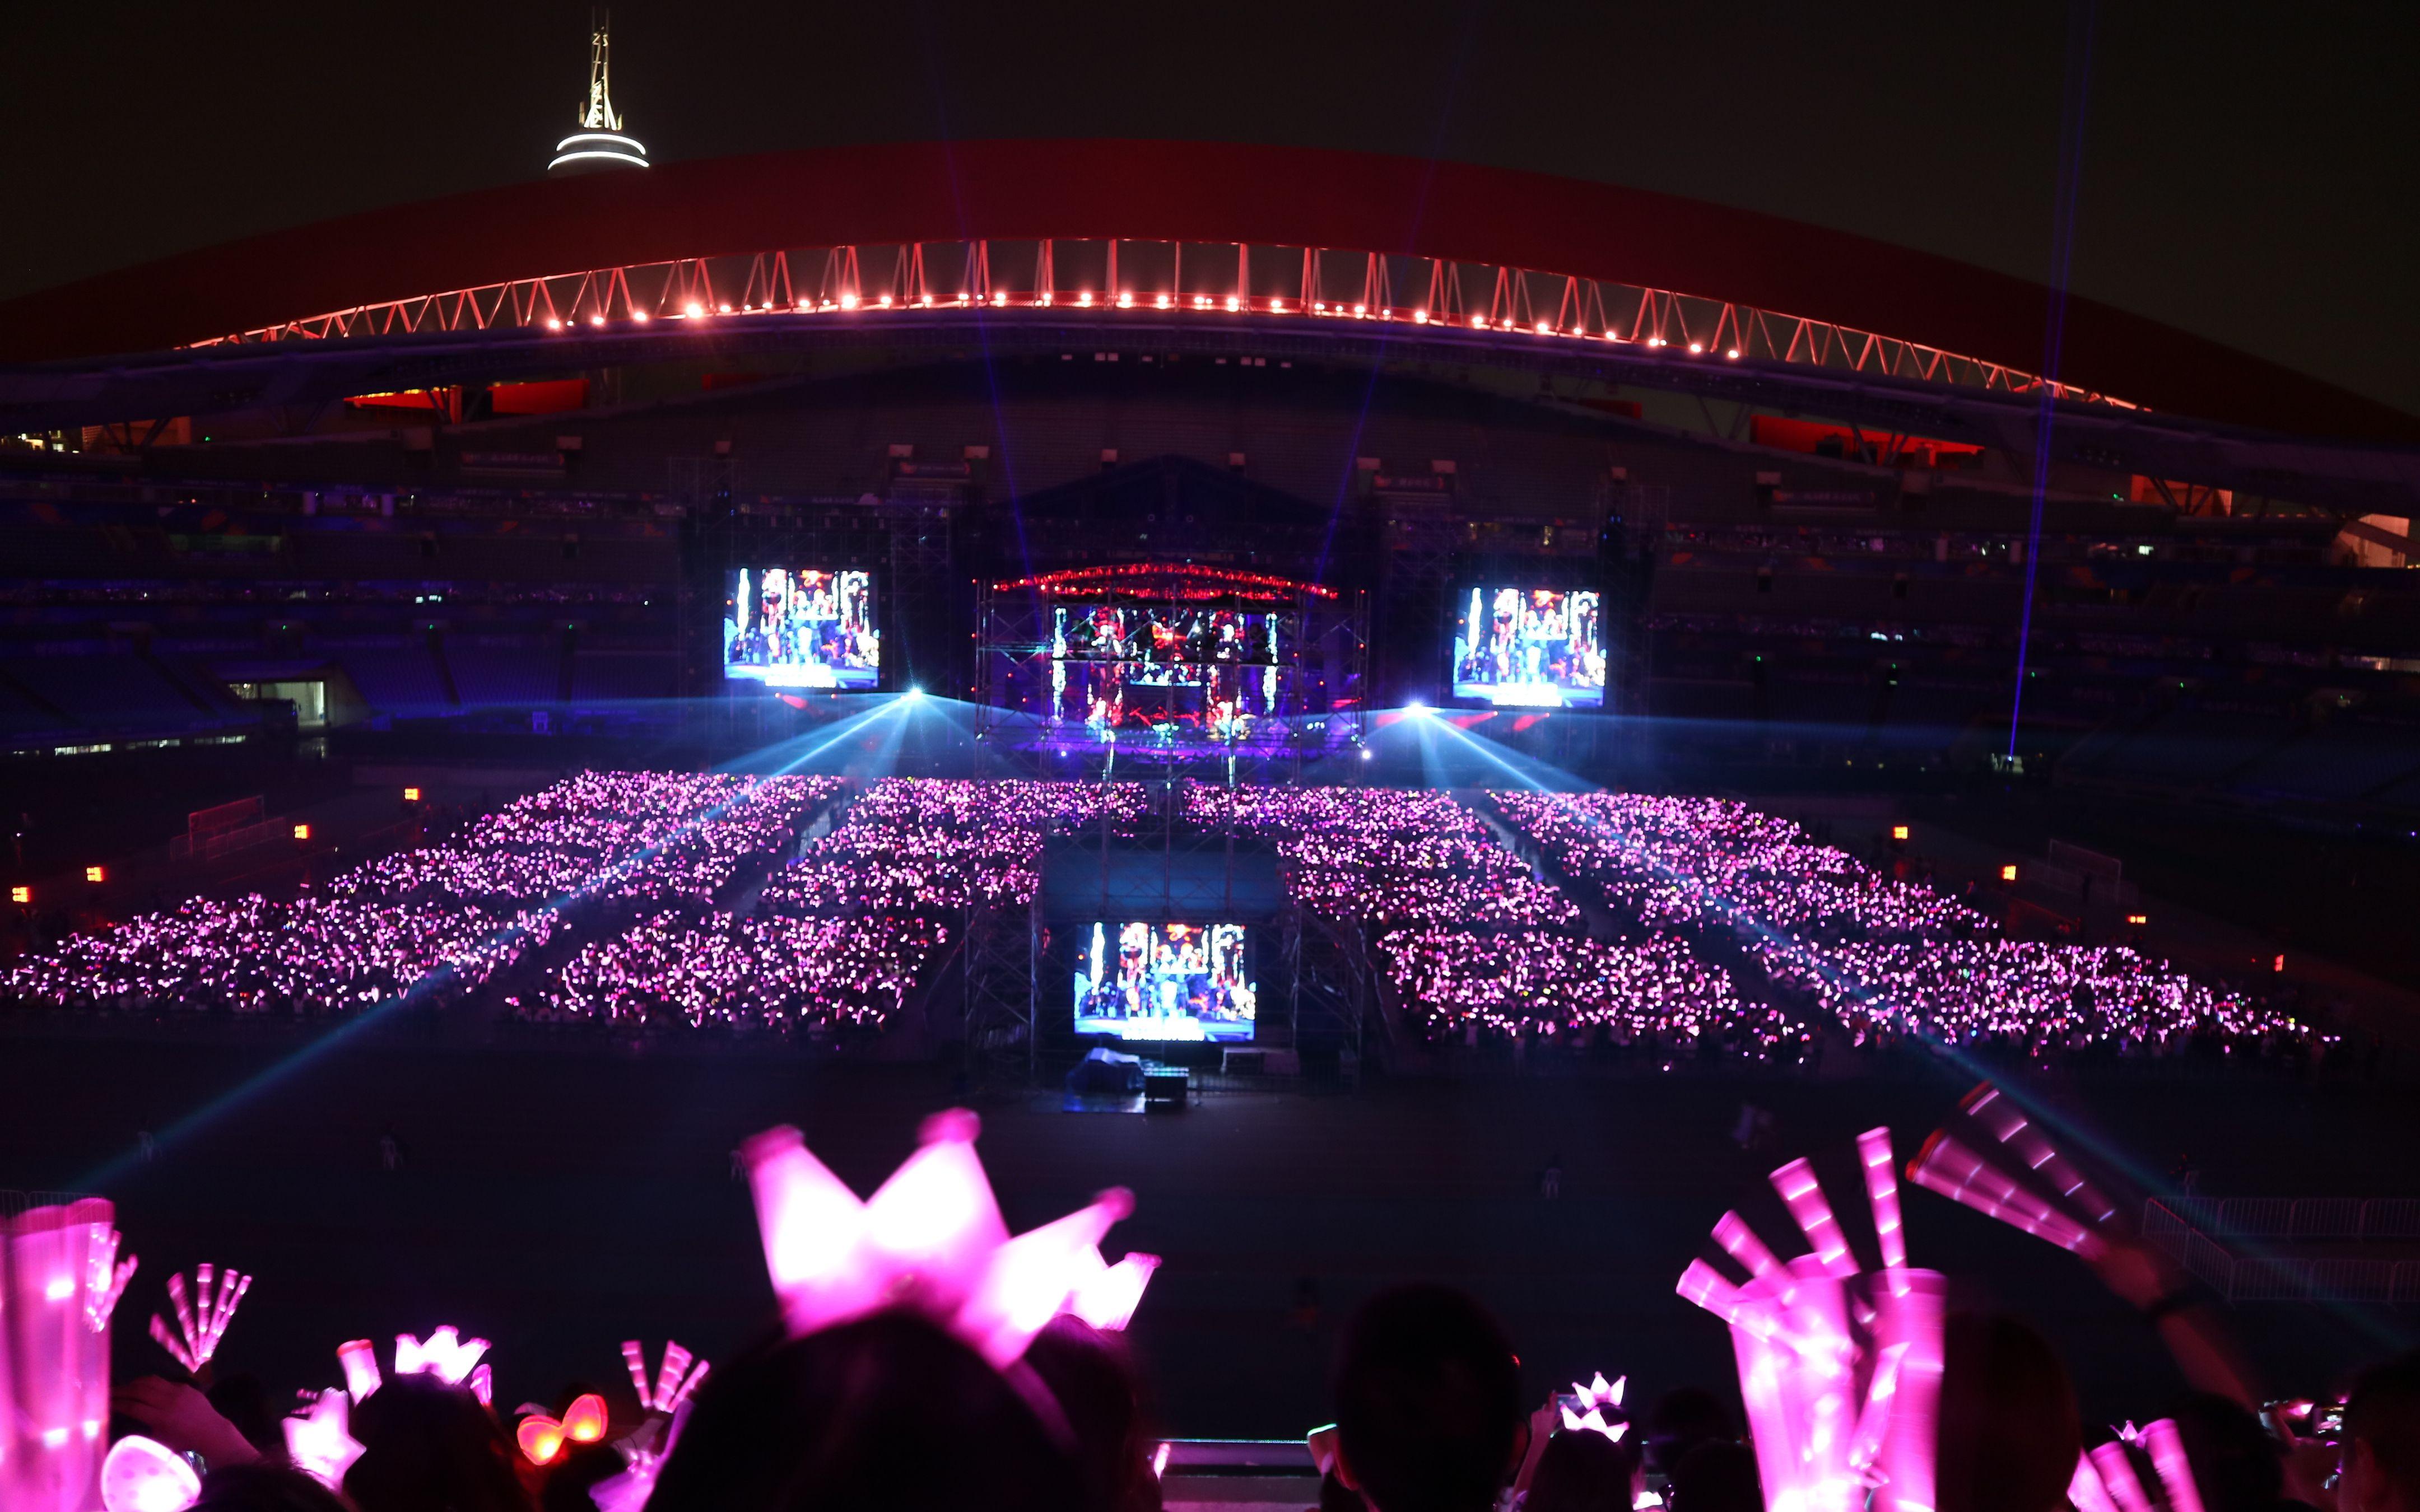 2015杭州站周杰伦演唱会座位图 每个区有几排